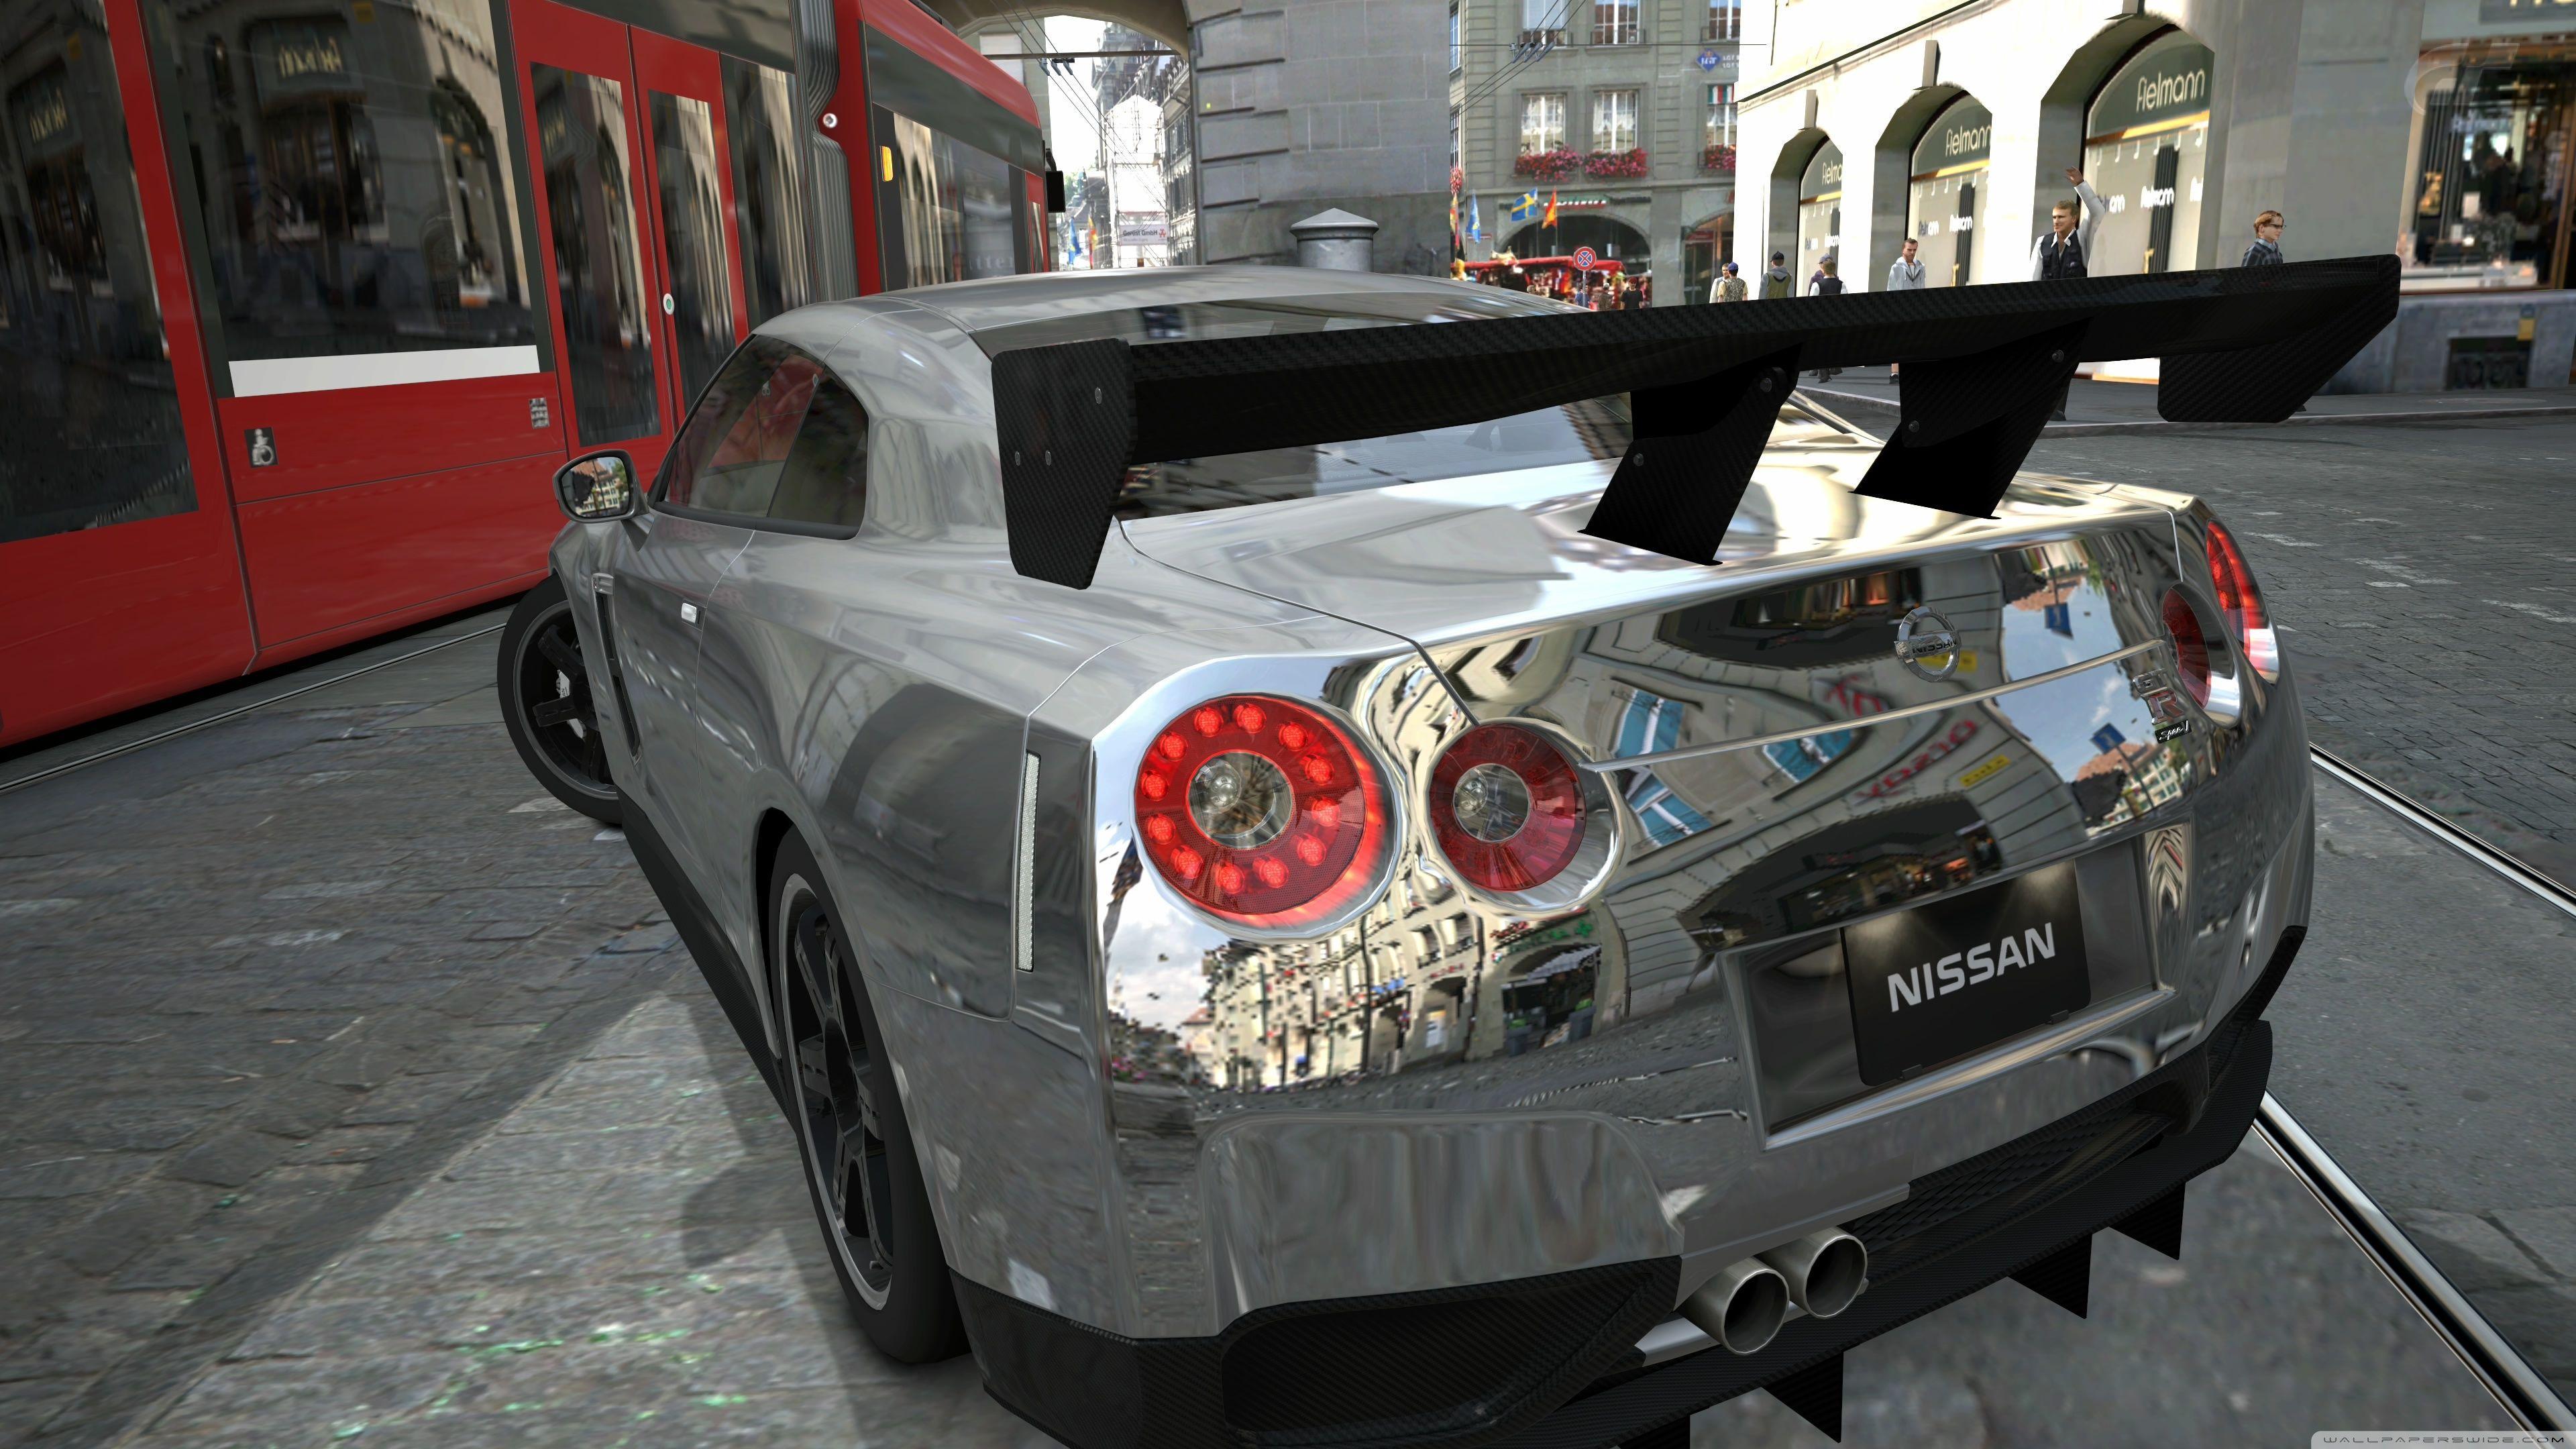 Nissan Gtr Car 4k Hd Desktop Wallpaper For 4k Ultra Hd Tv: Nissan GT-R 4K Wallpapers